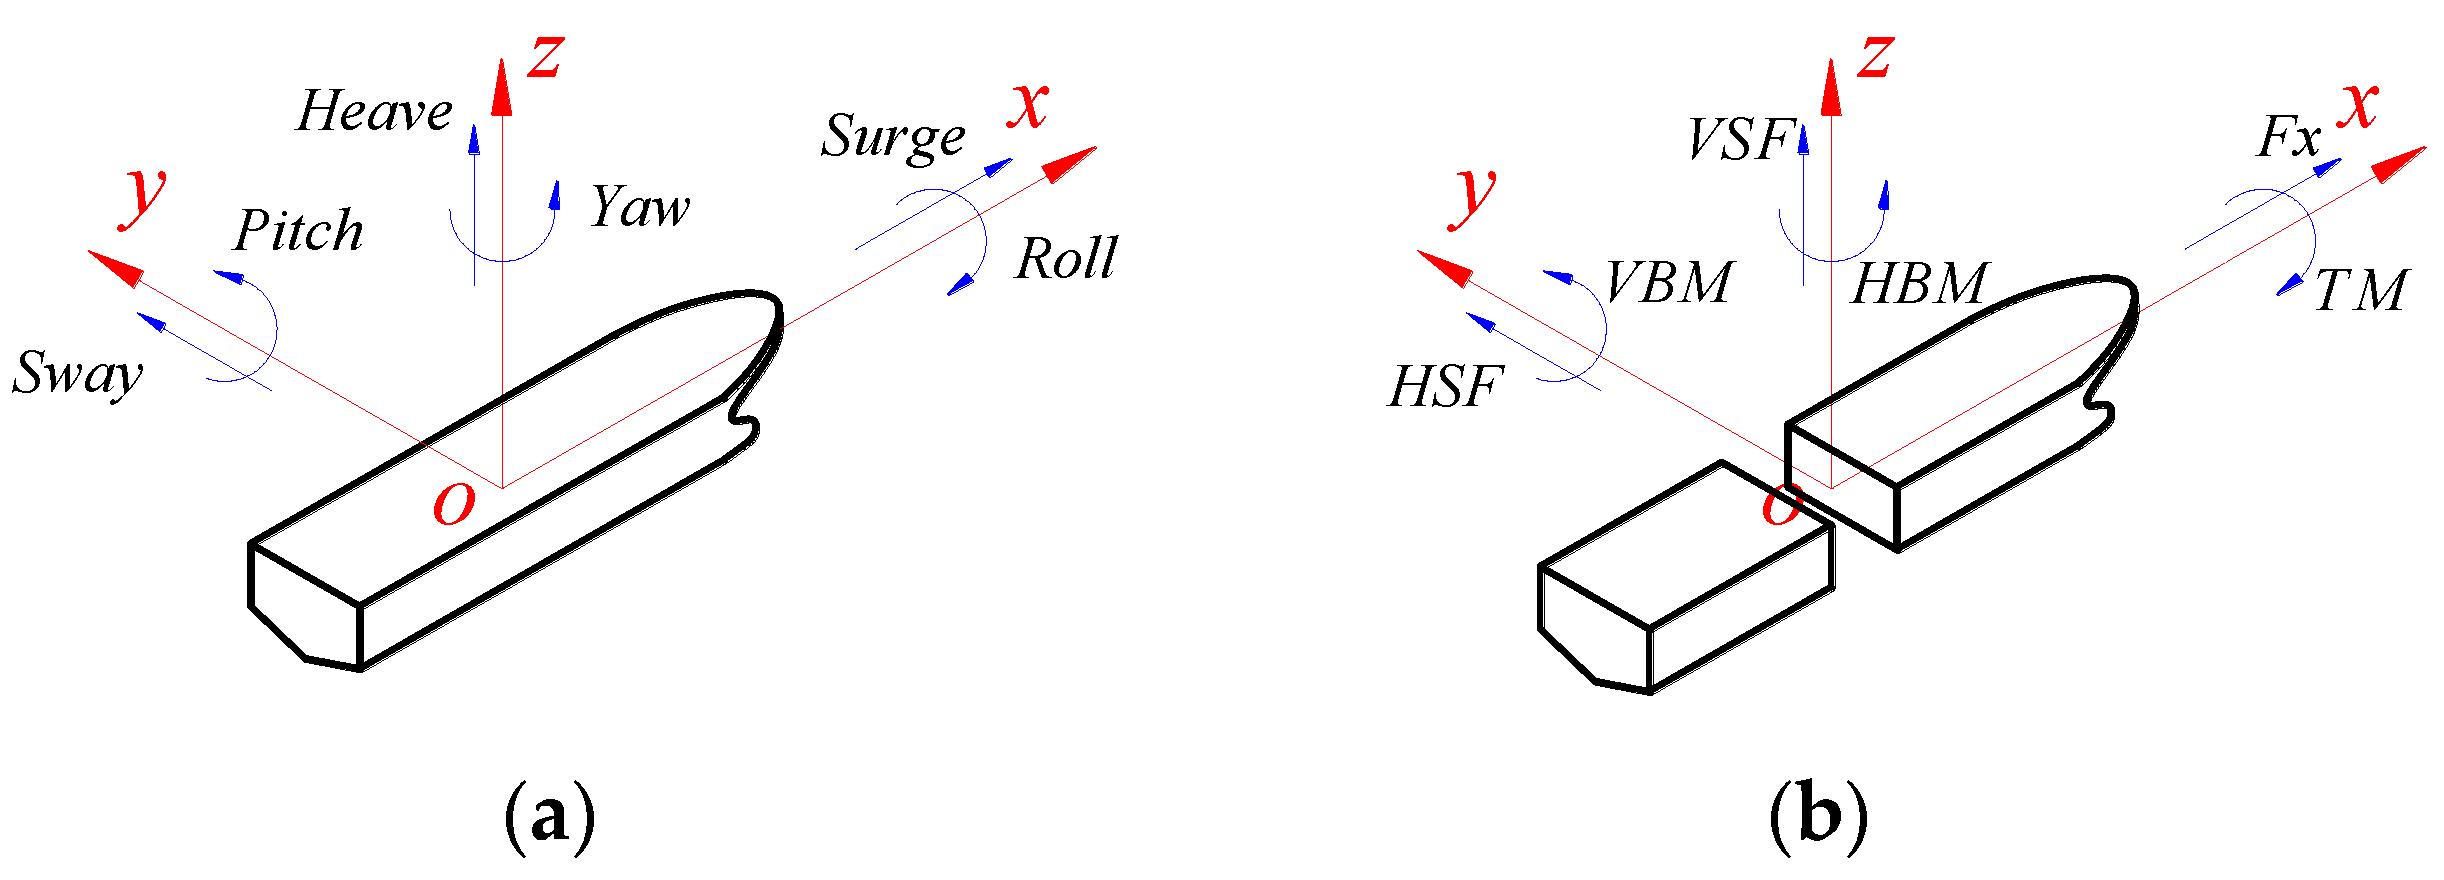 Garmin Striker 4 Wiring